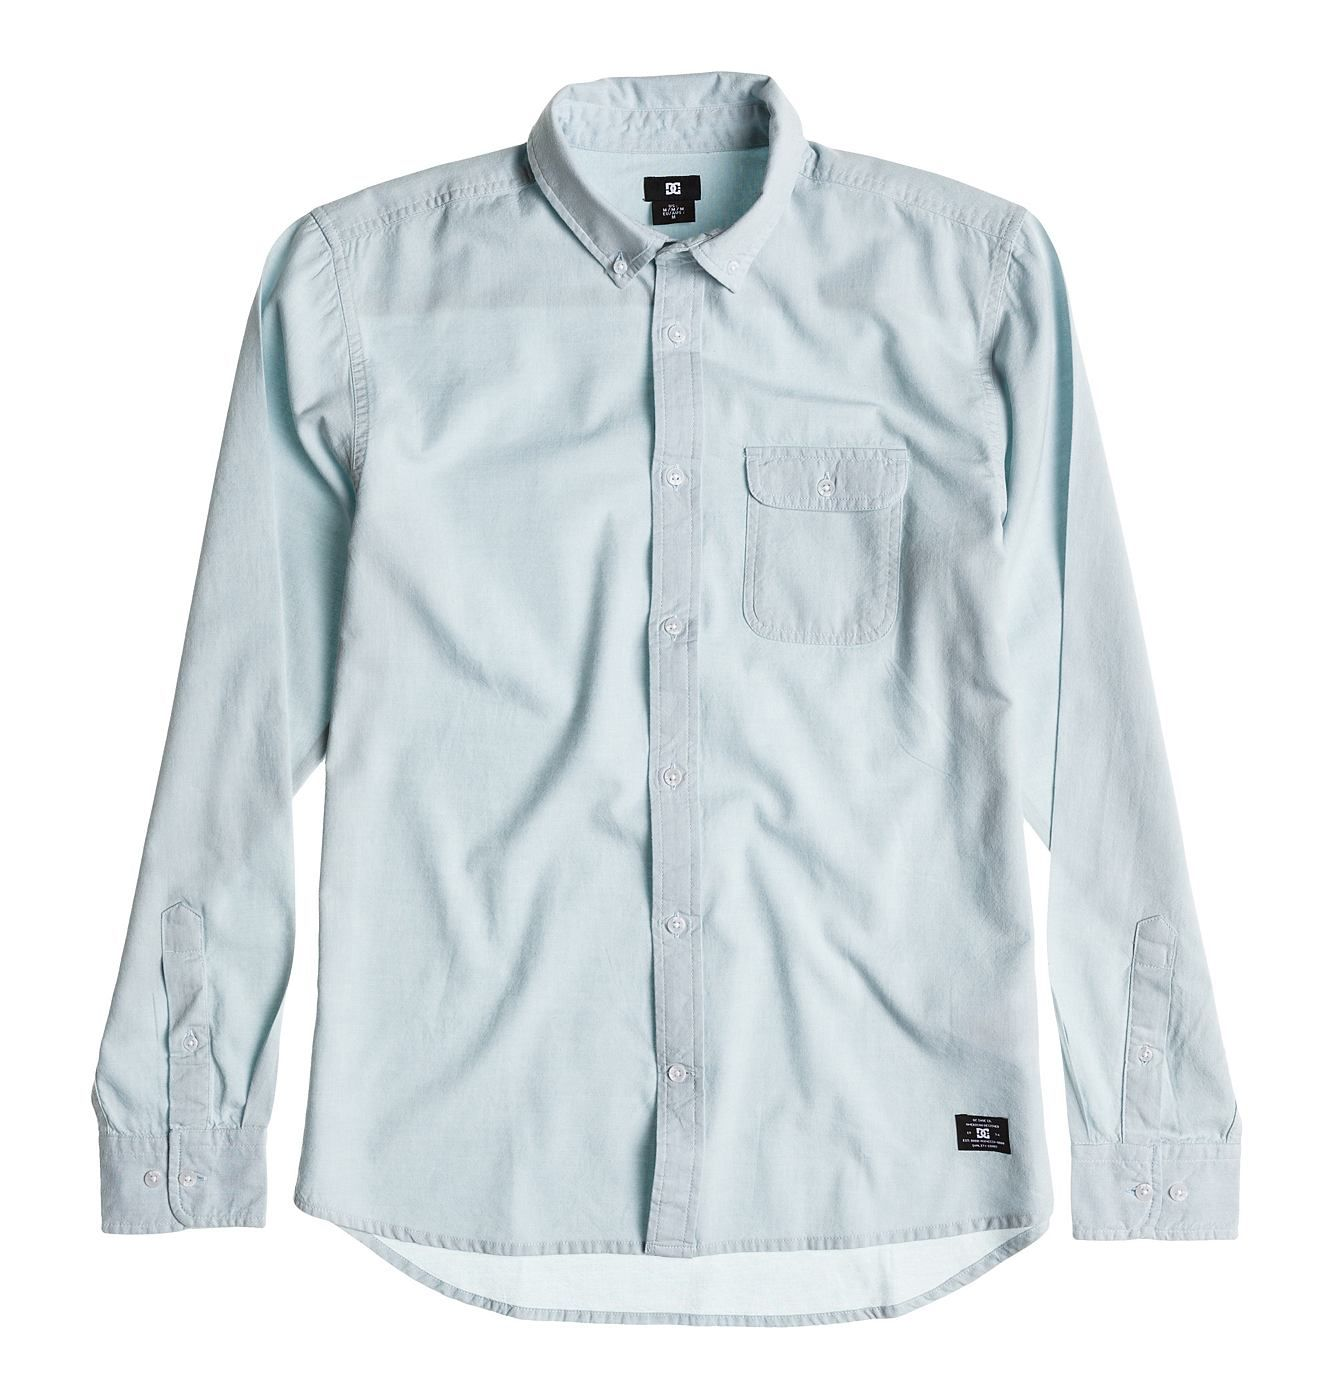 Bover Long Sleeve - Oxford-Hemd für Männer  Wir präsentieren dir stolz Bover Long Sleeve von DC Shoes. Dieses Regular Fit Oxford Shirt für Männer ist Teil der Spring Collection 2015. Weitere besondere Features sind: Aus Baumwolle und 1 Brusttasche mit Patte.  Merkmale:  Oxford-Hemd, Regular Fit, Baumwollgewebe, 1 Brusttasche mit Patte, Button-Down-Kragen,  Dieses Produkt besteht aus:  100% Baum...